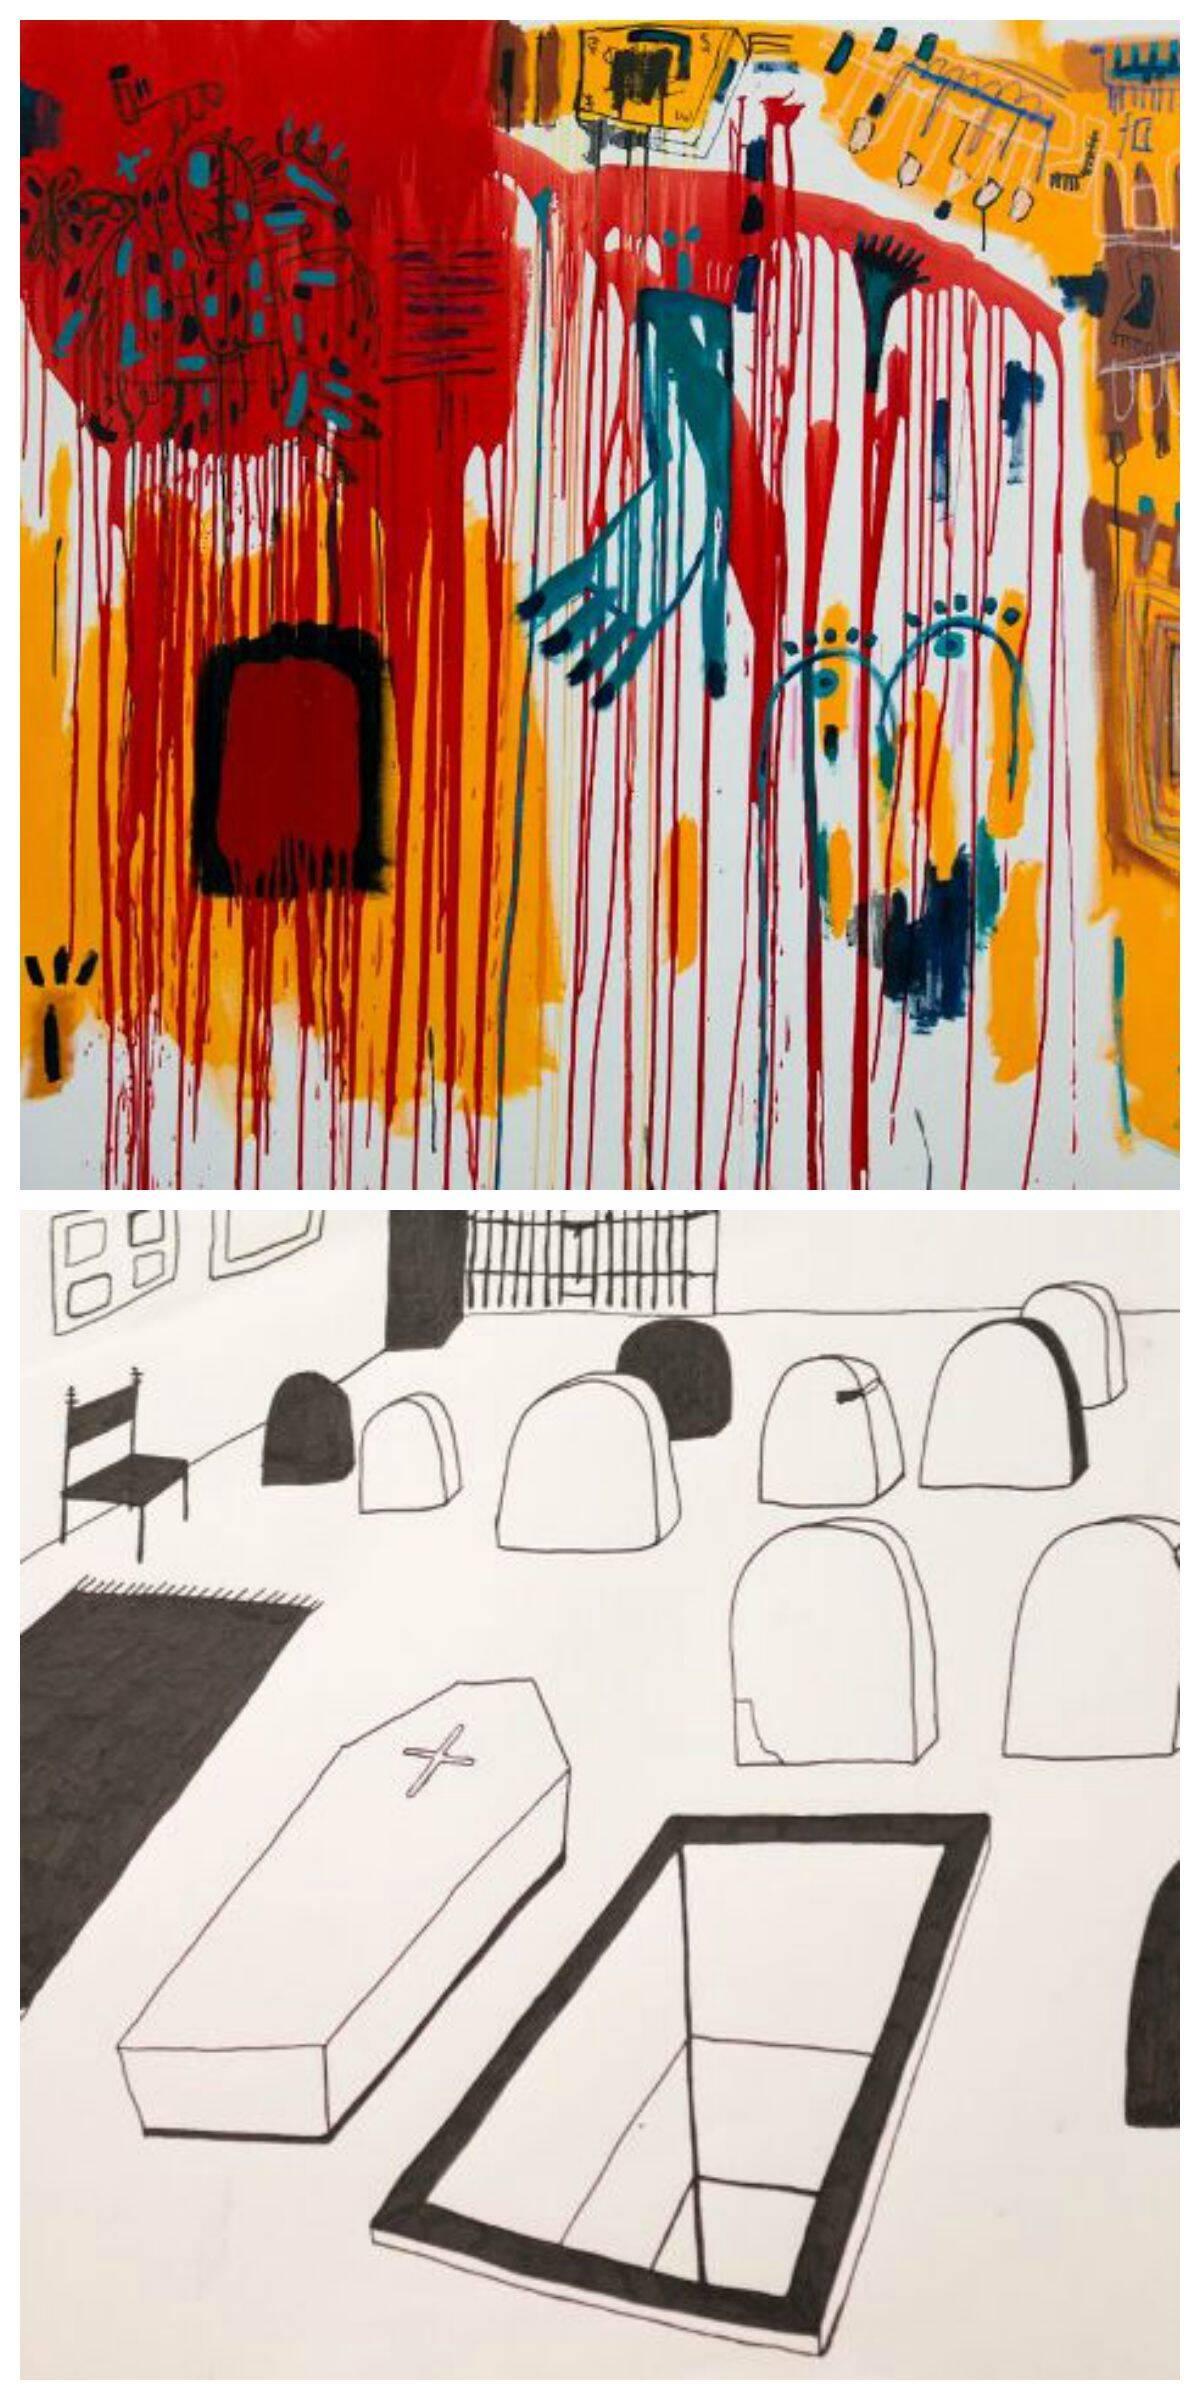 No alto, Eduarda Freire e Caio Paiva; acima, o trabalhos dos dois - o dele é o colorido/ Foto: divulgação